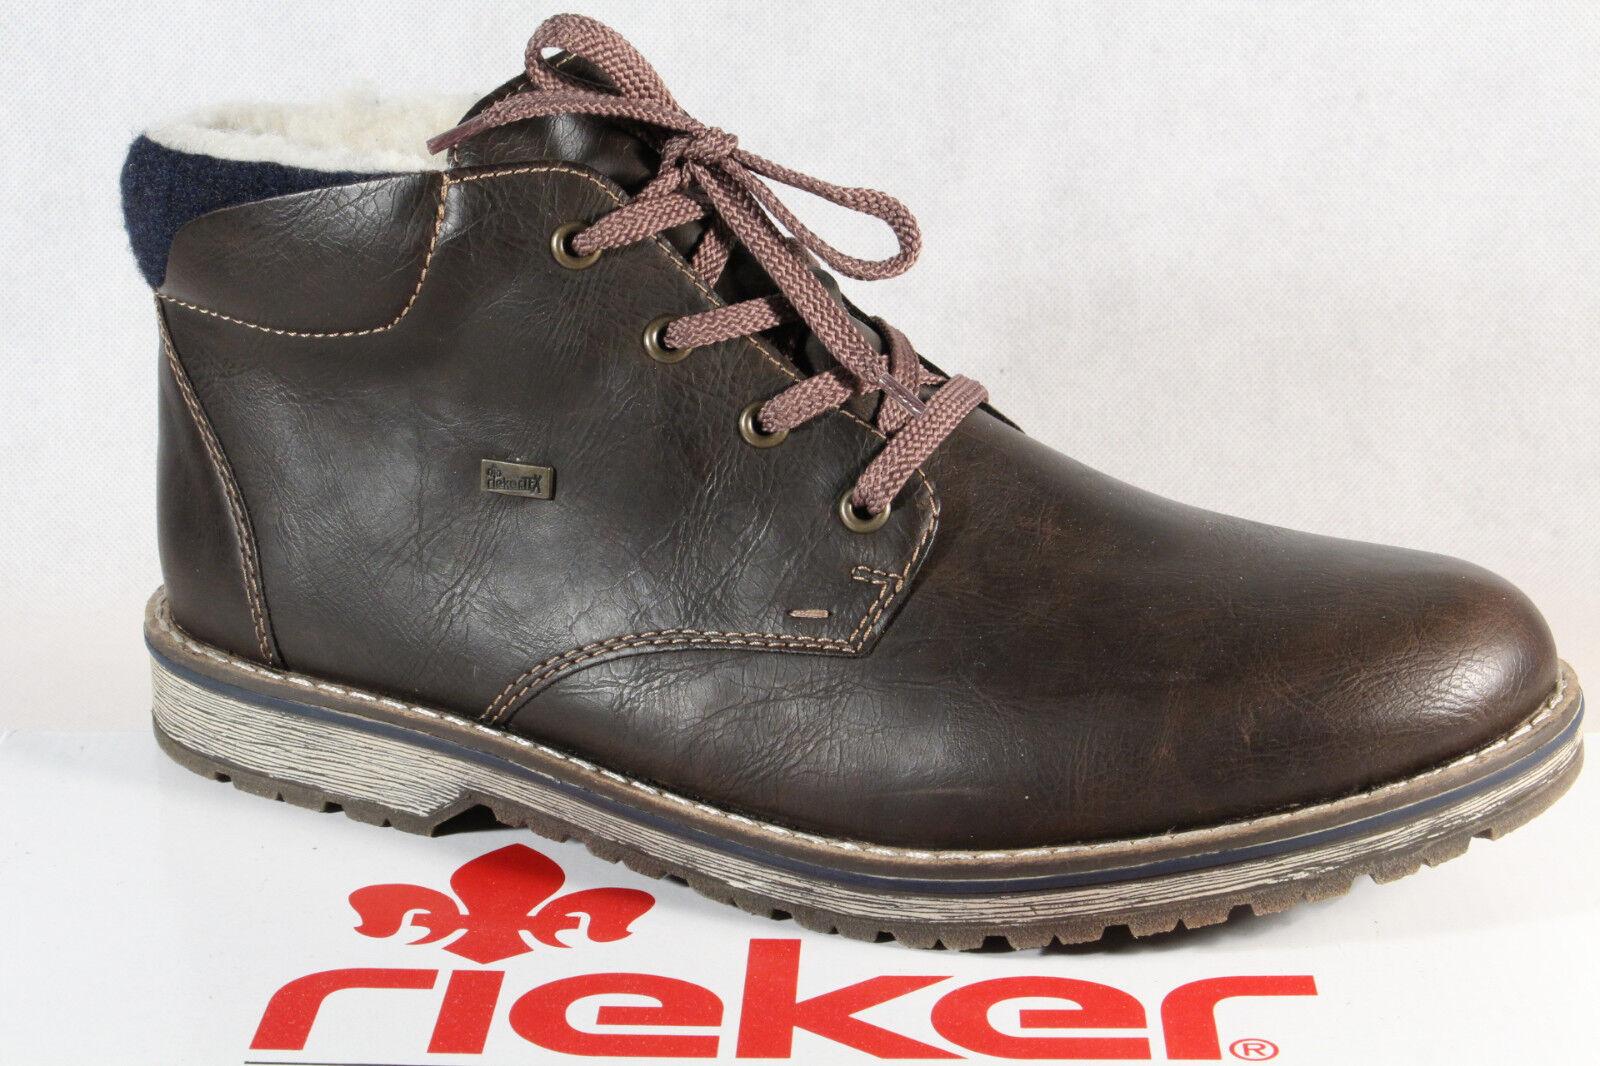 Rieker TEX Herren Stiefel Schnürstiefel Boots Winterstiefel 39211 NEU!